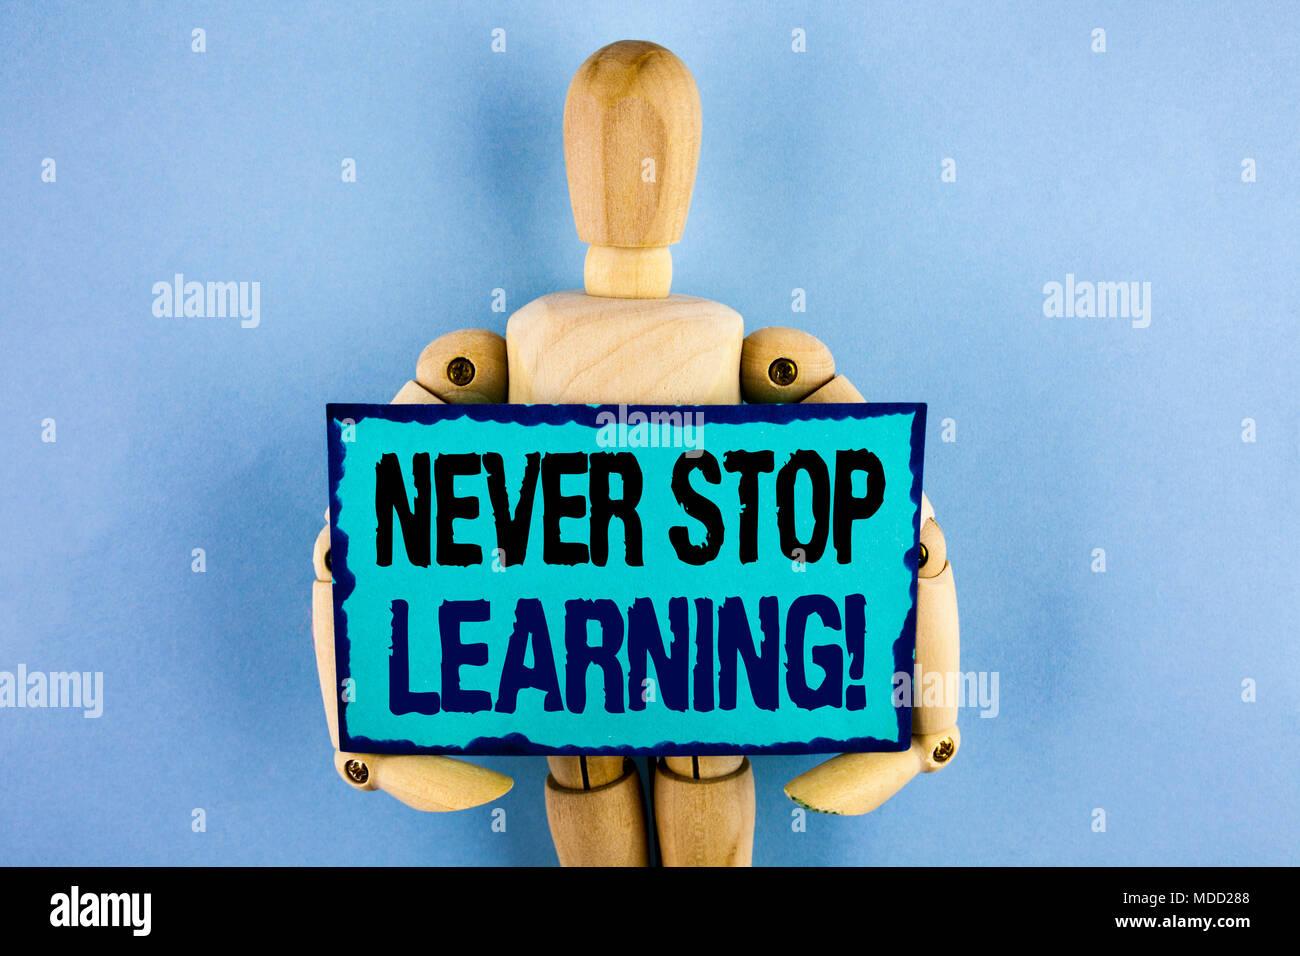 Signo De Texto Mostrando Nunca Deje De Aprendizaje Llamada